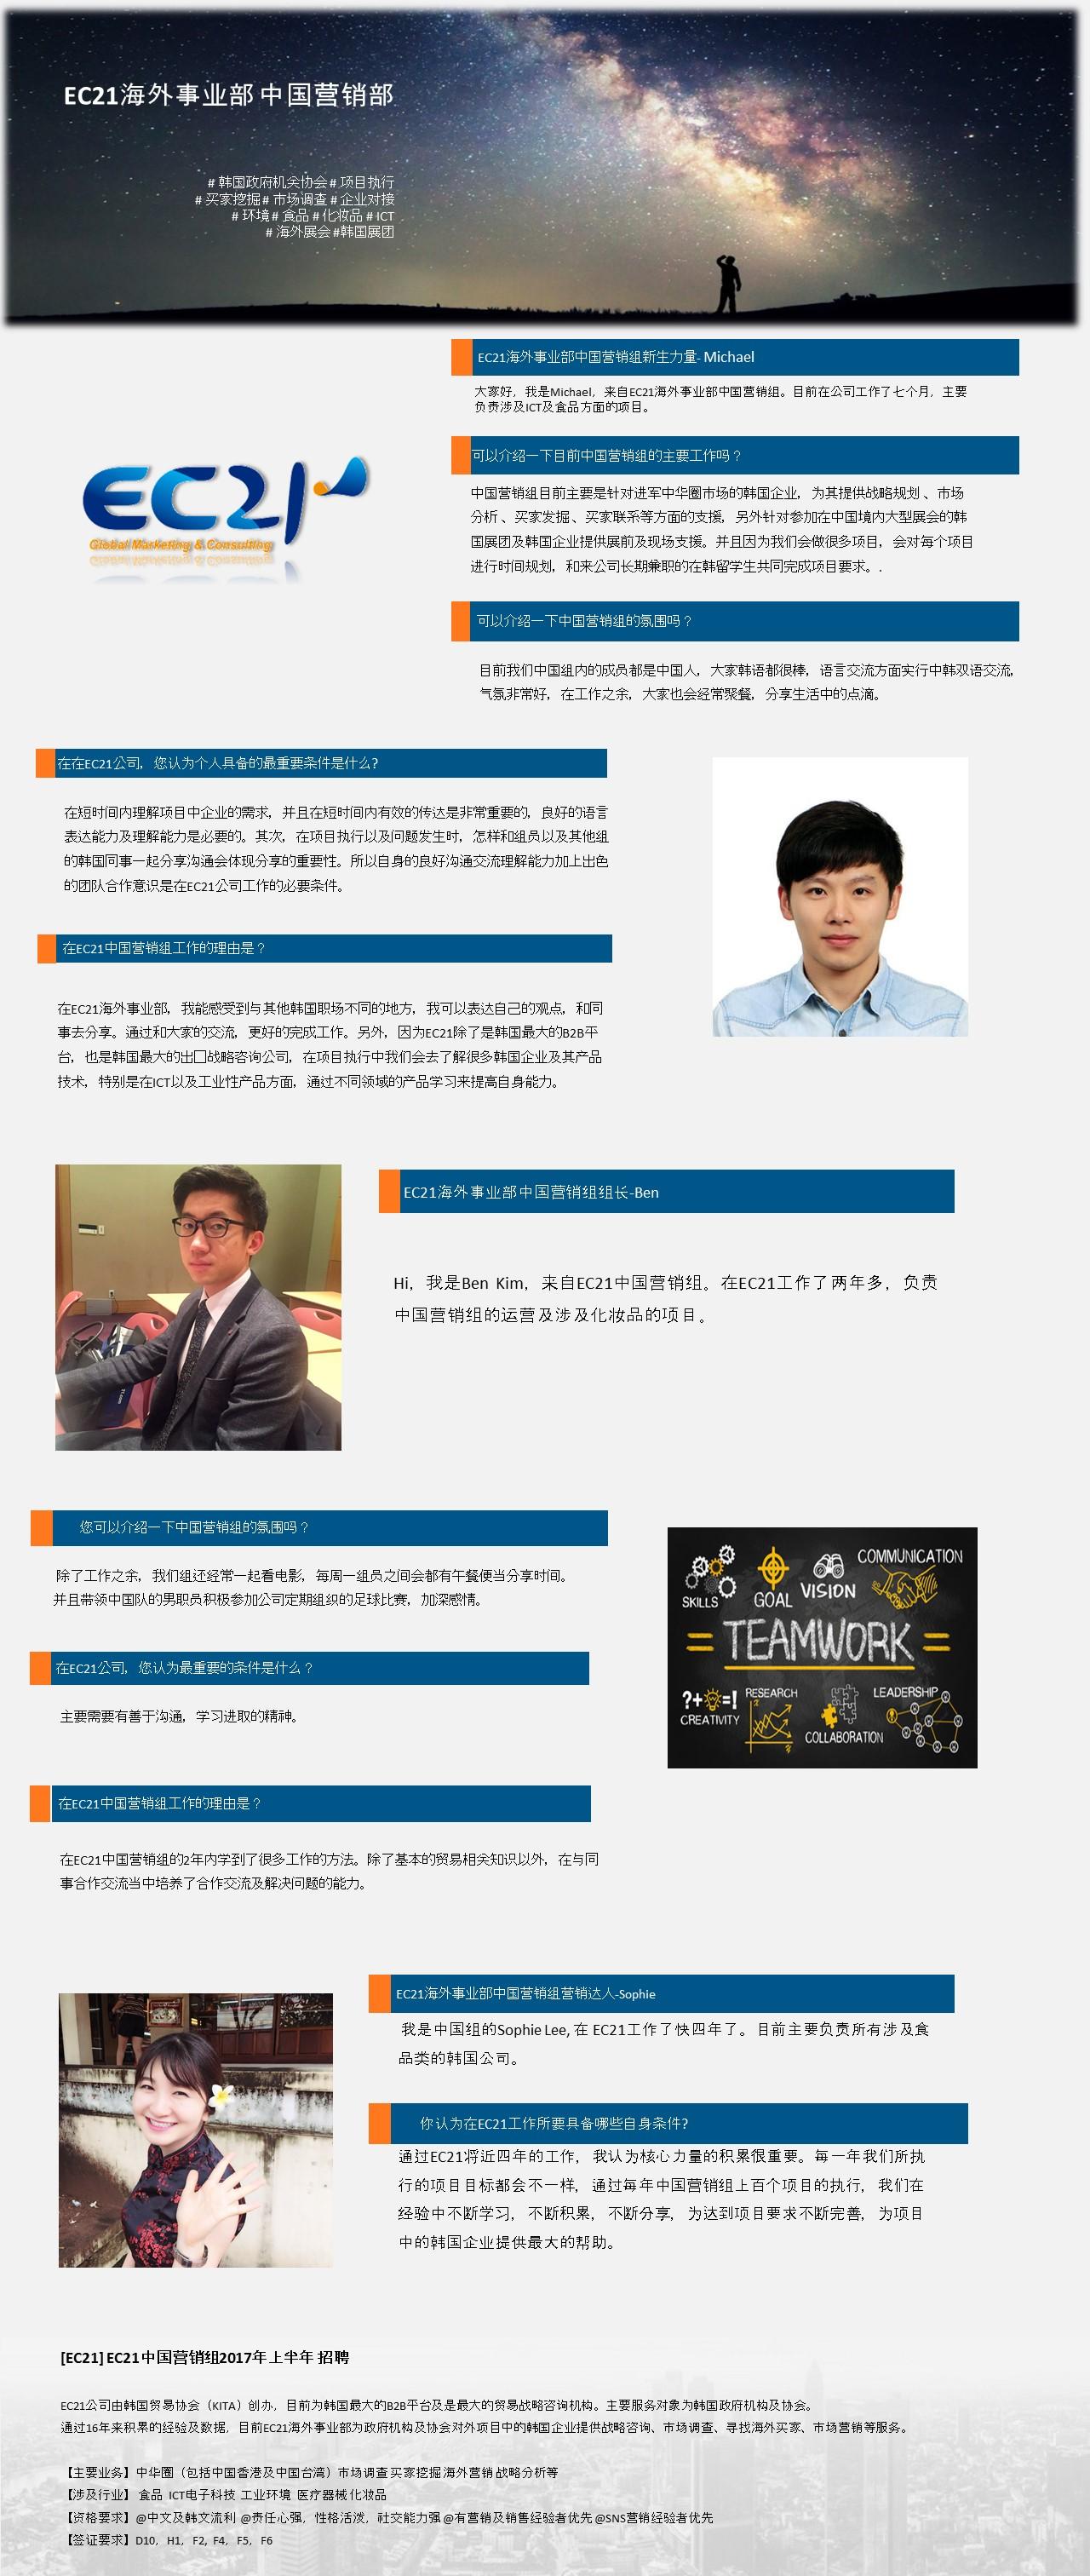 중국마케팅팀 직원 인터뷰